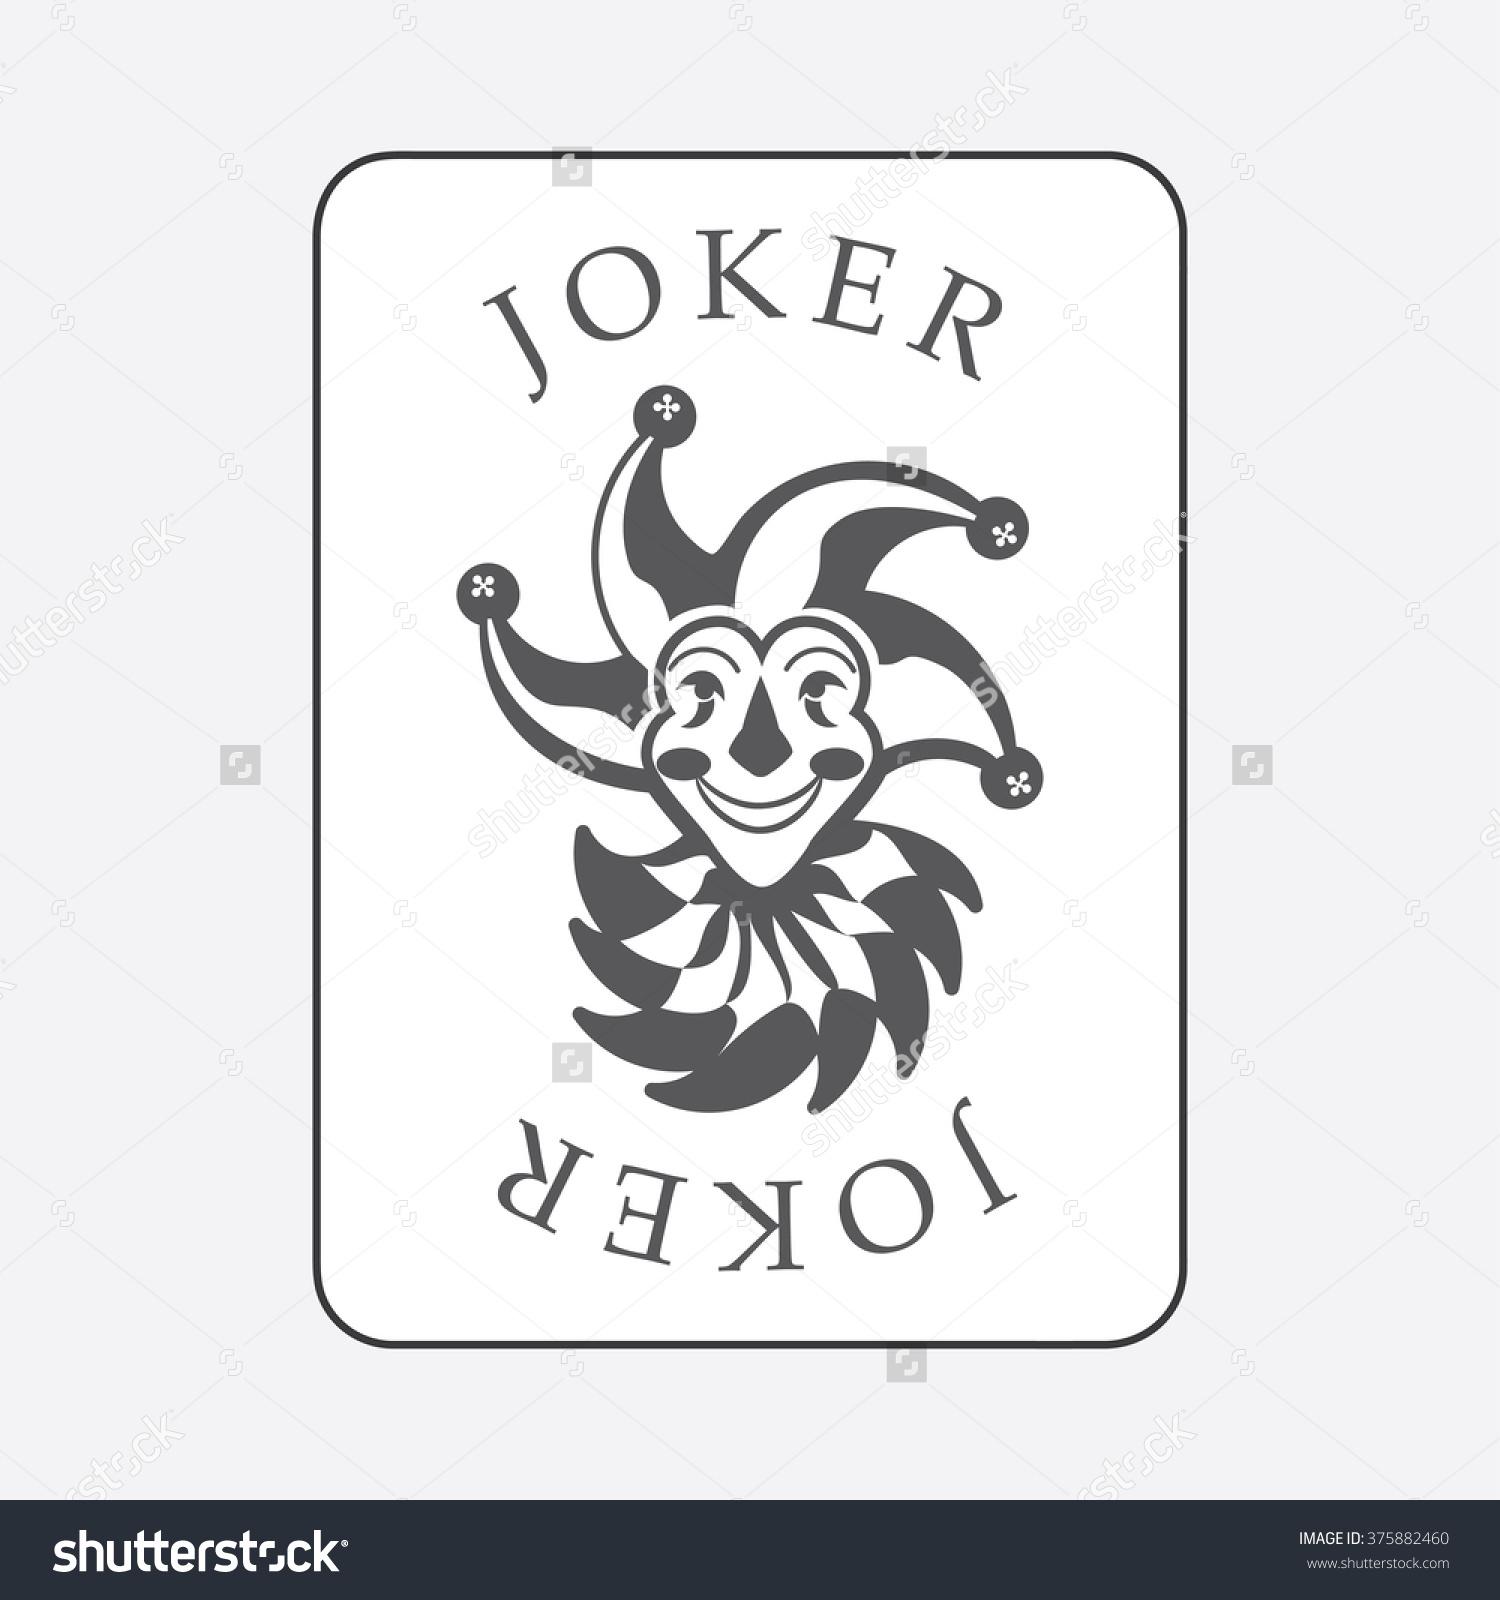 1500x1600 Card Joker Card Template